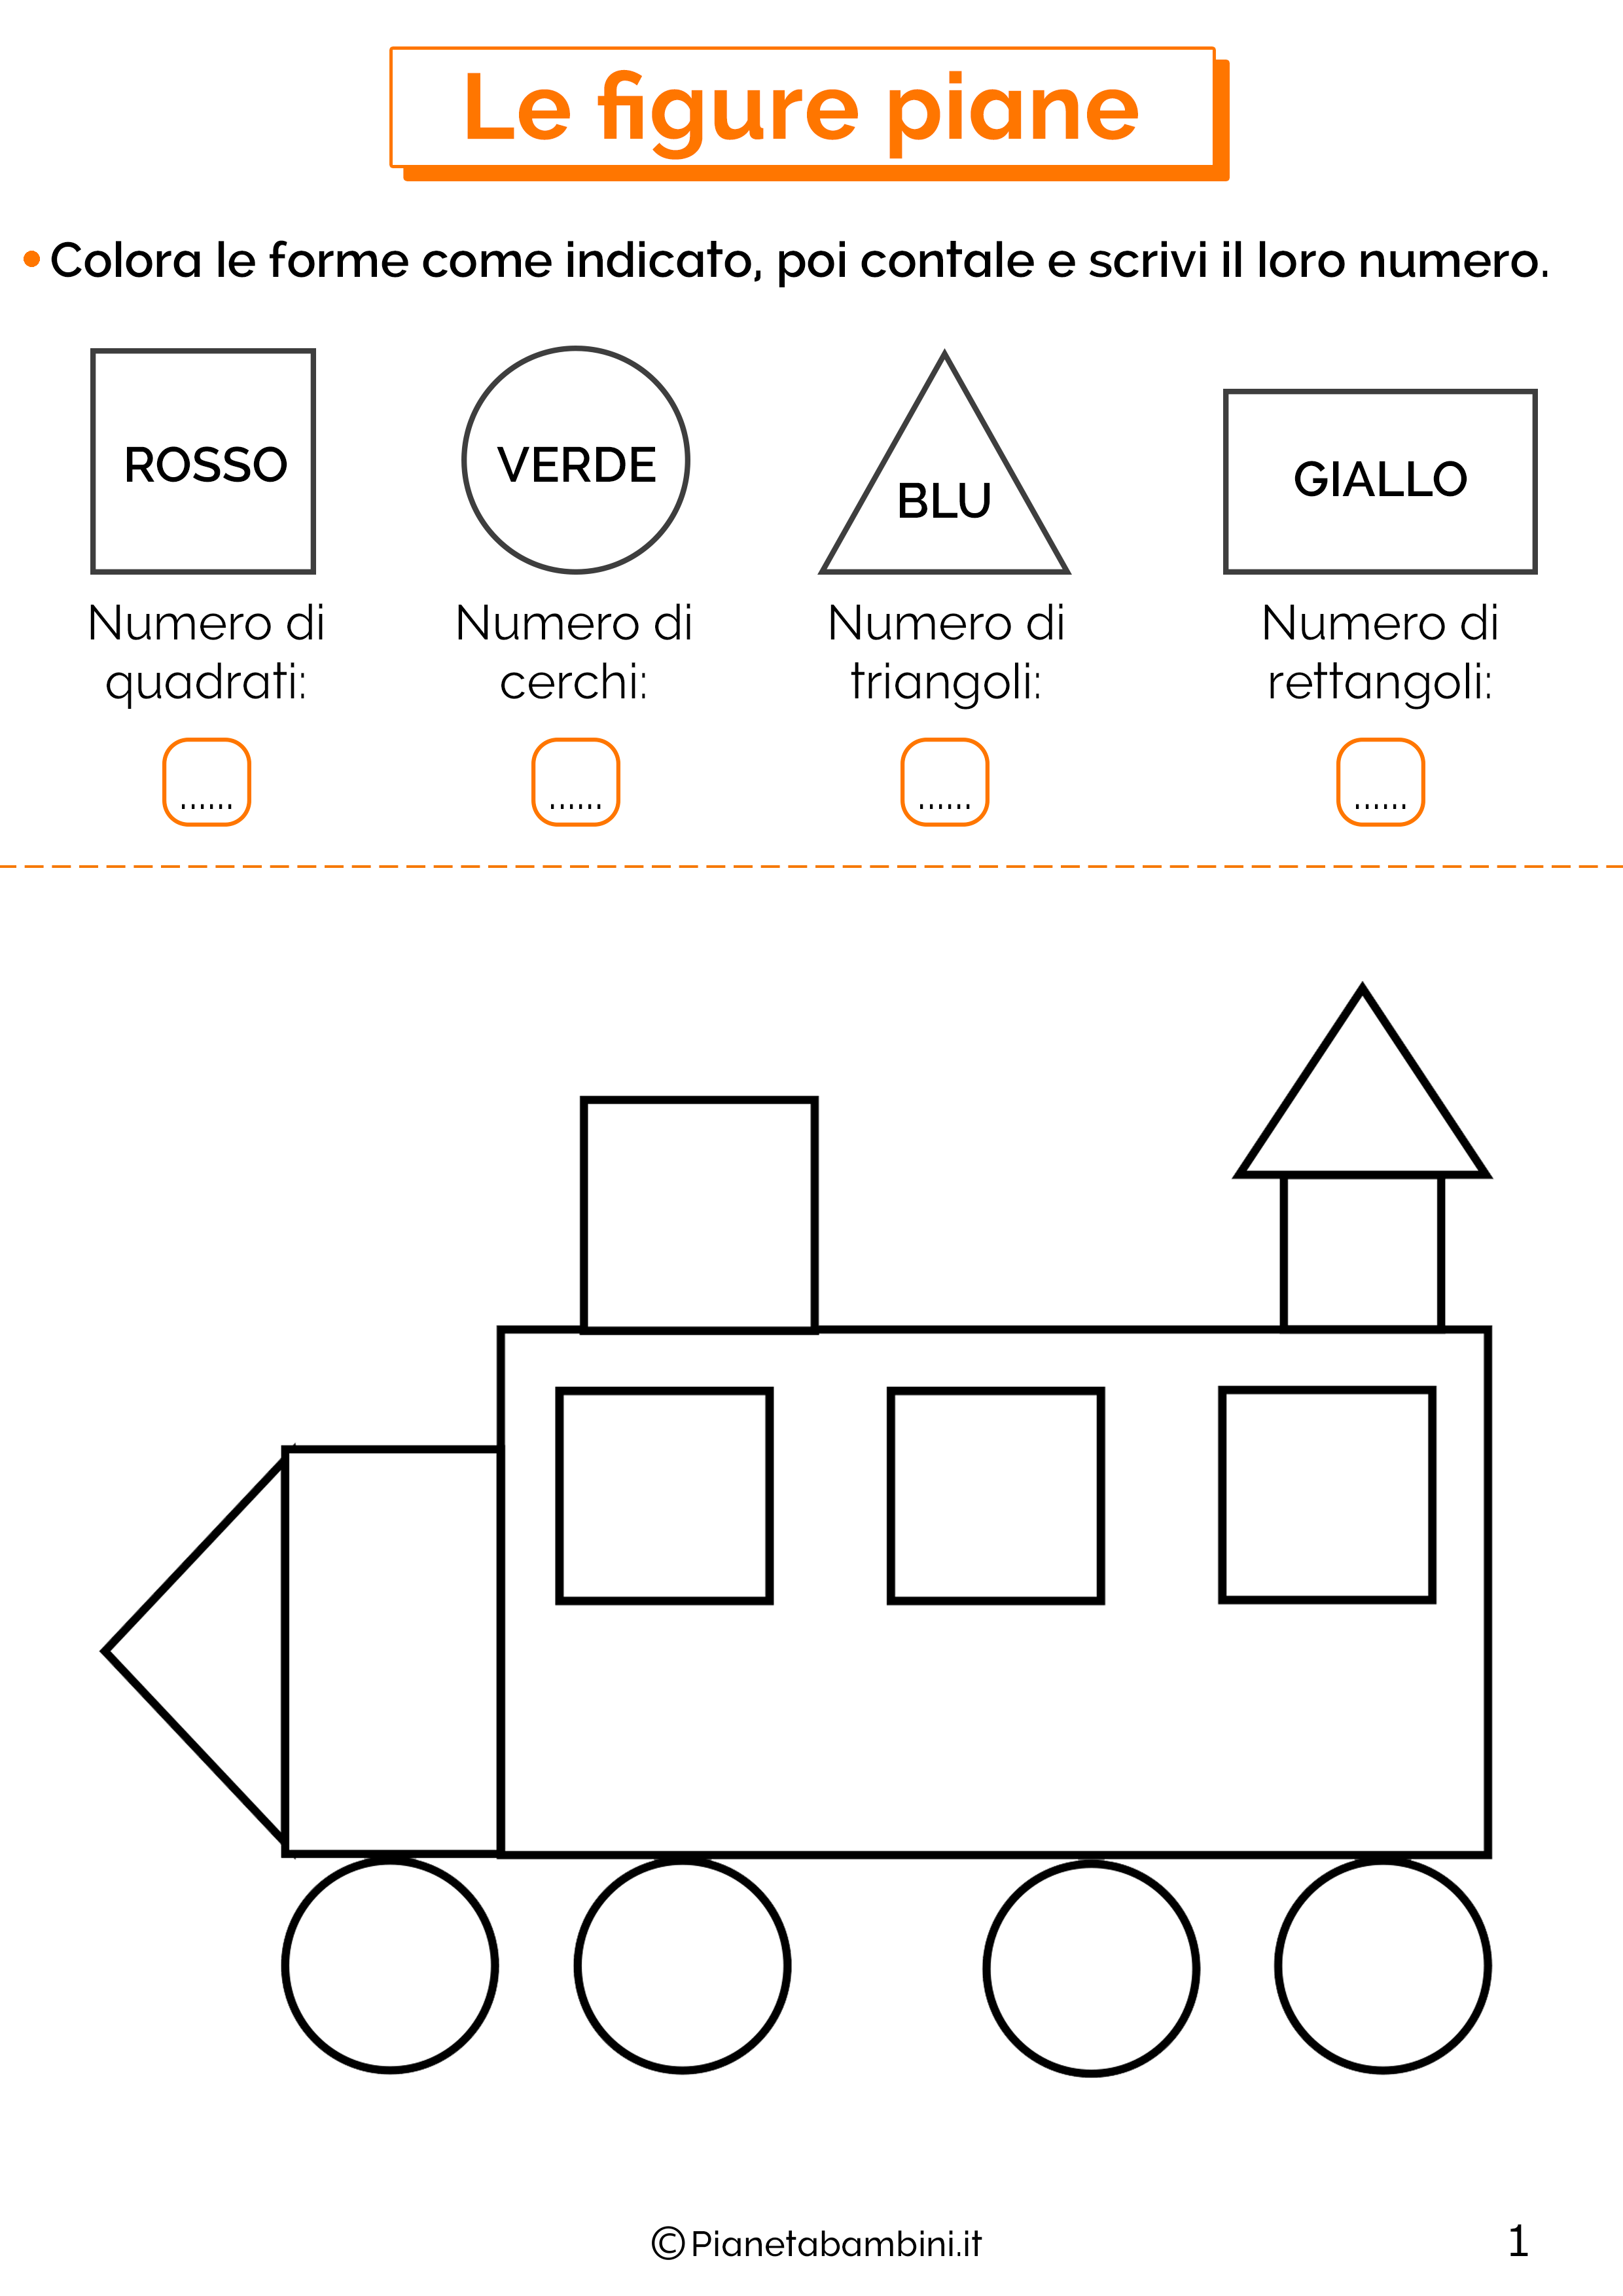 Scheda didattica sulle figure piane 1